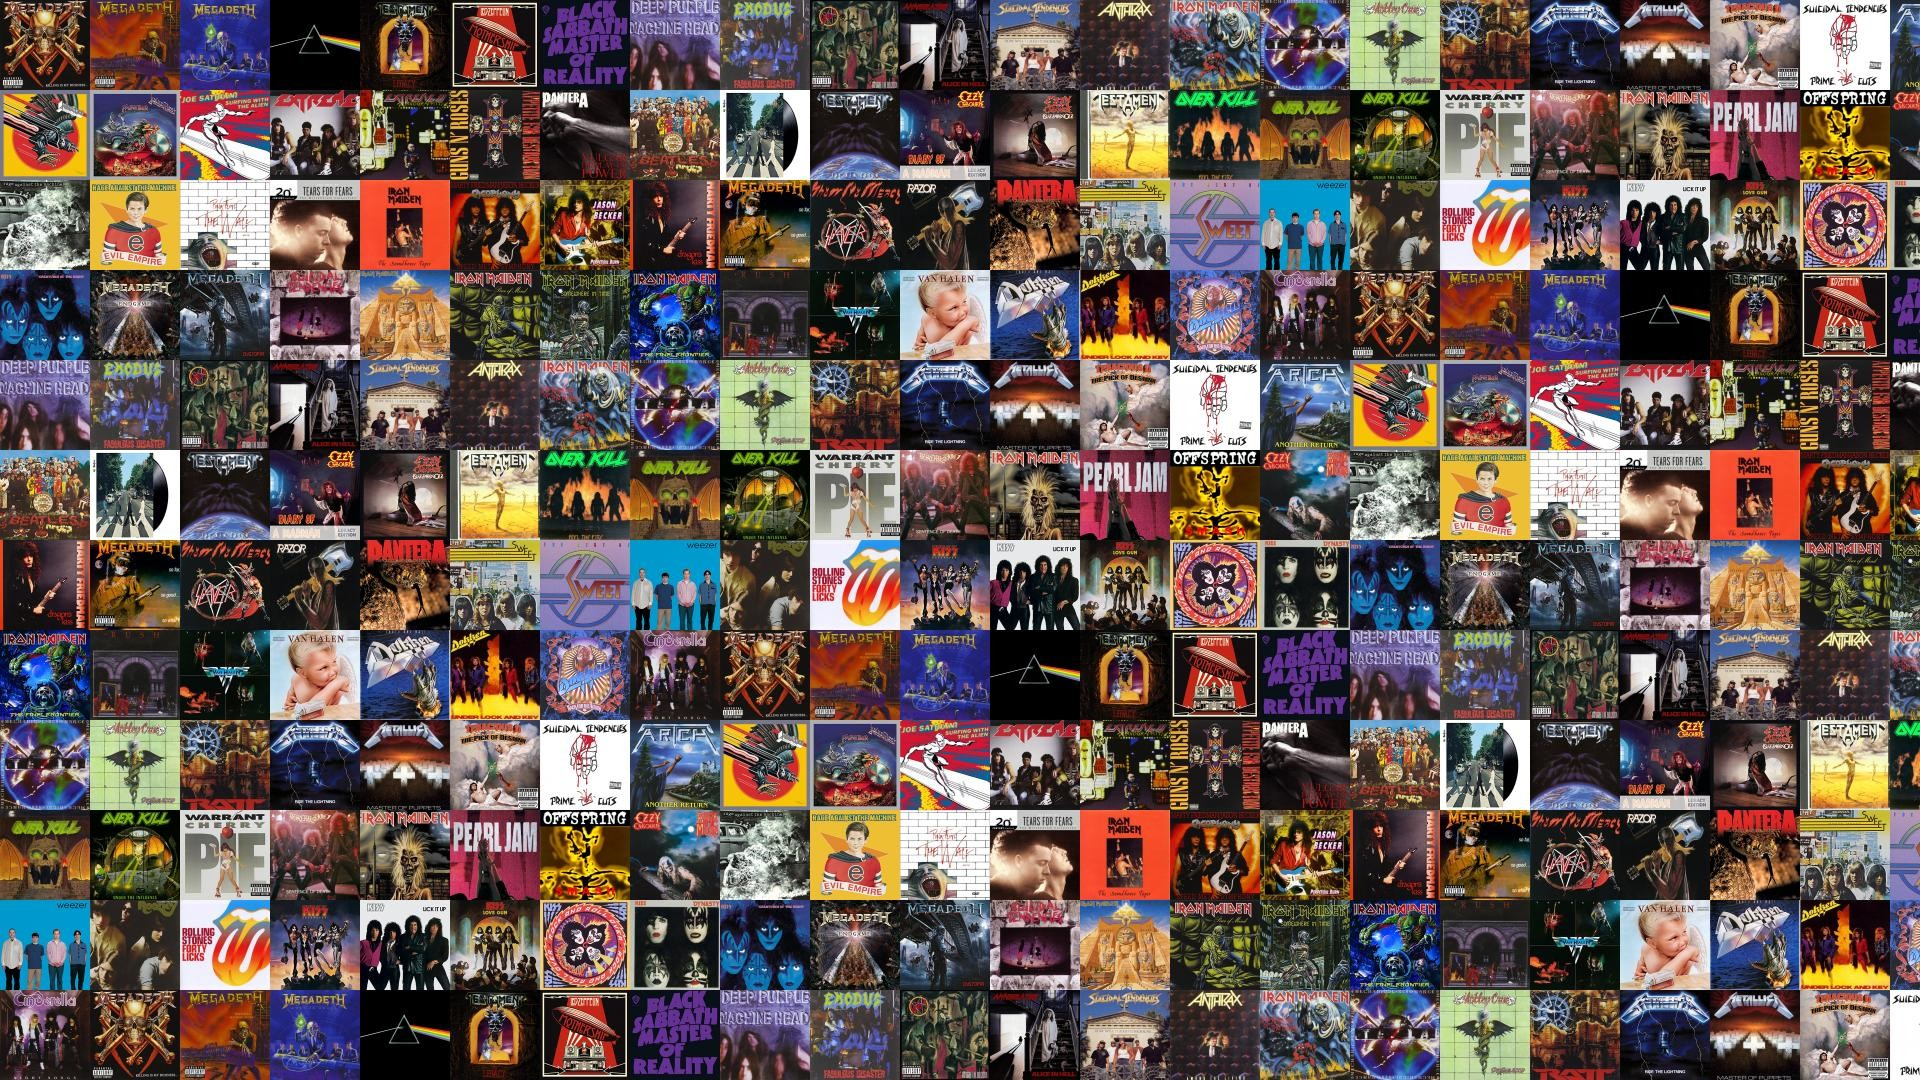 Niagara Falls Hd Wallpaper For Desktop Megadeth Wallpaper Peace Sells 63 Images